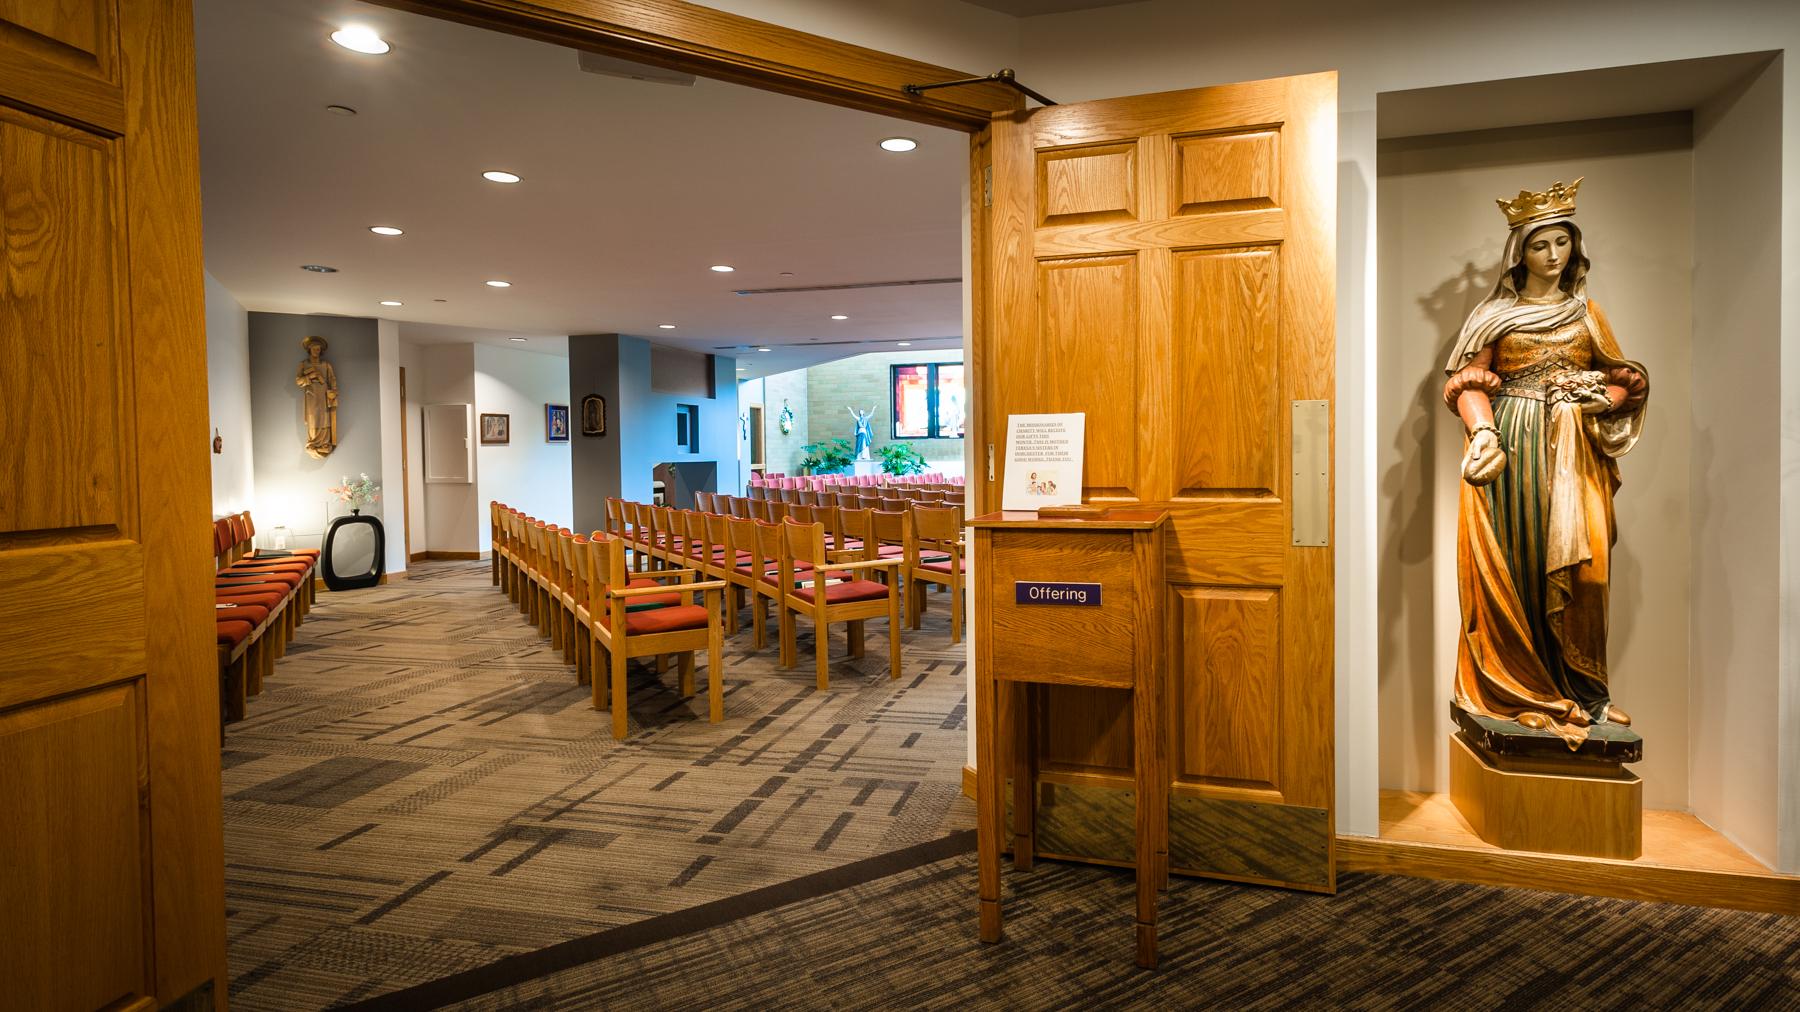 The chapel lobby